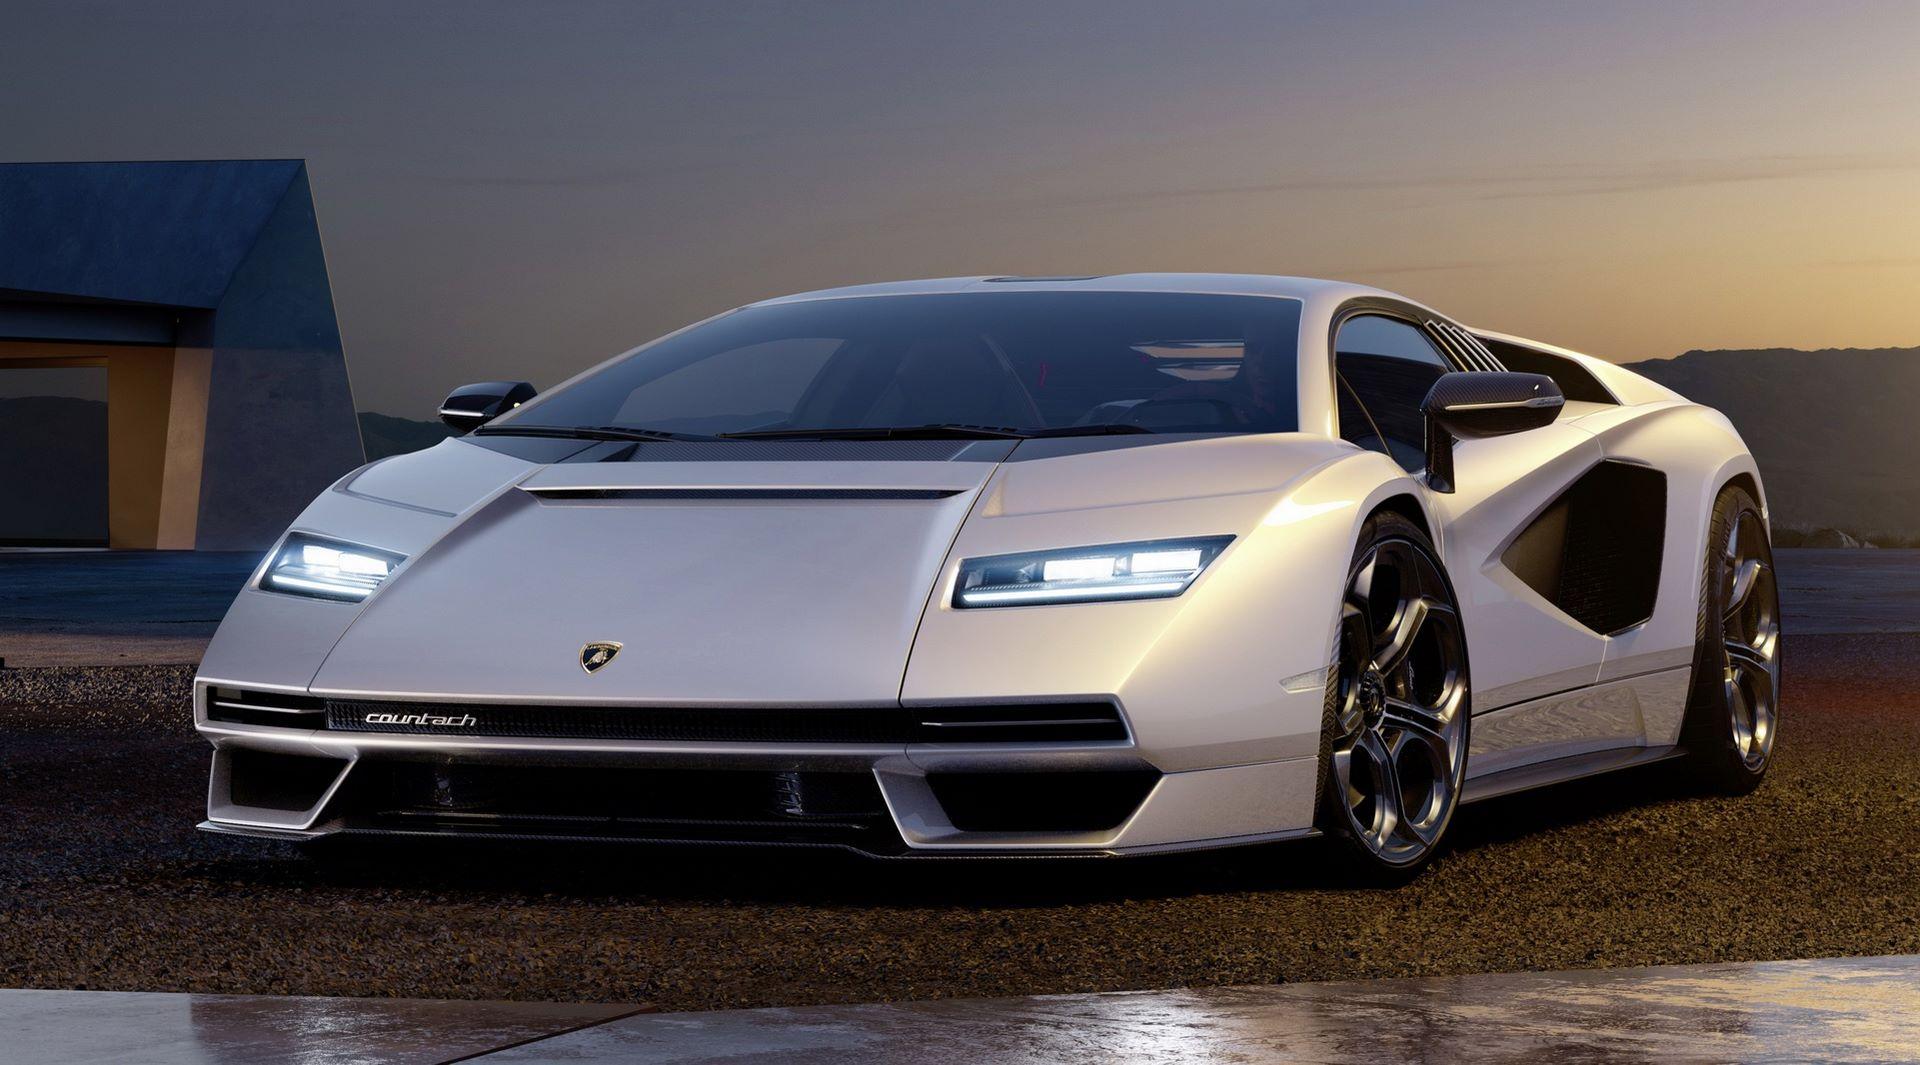 Lamborghini-Countach-LPI-800-4-28